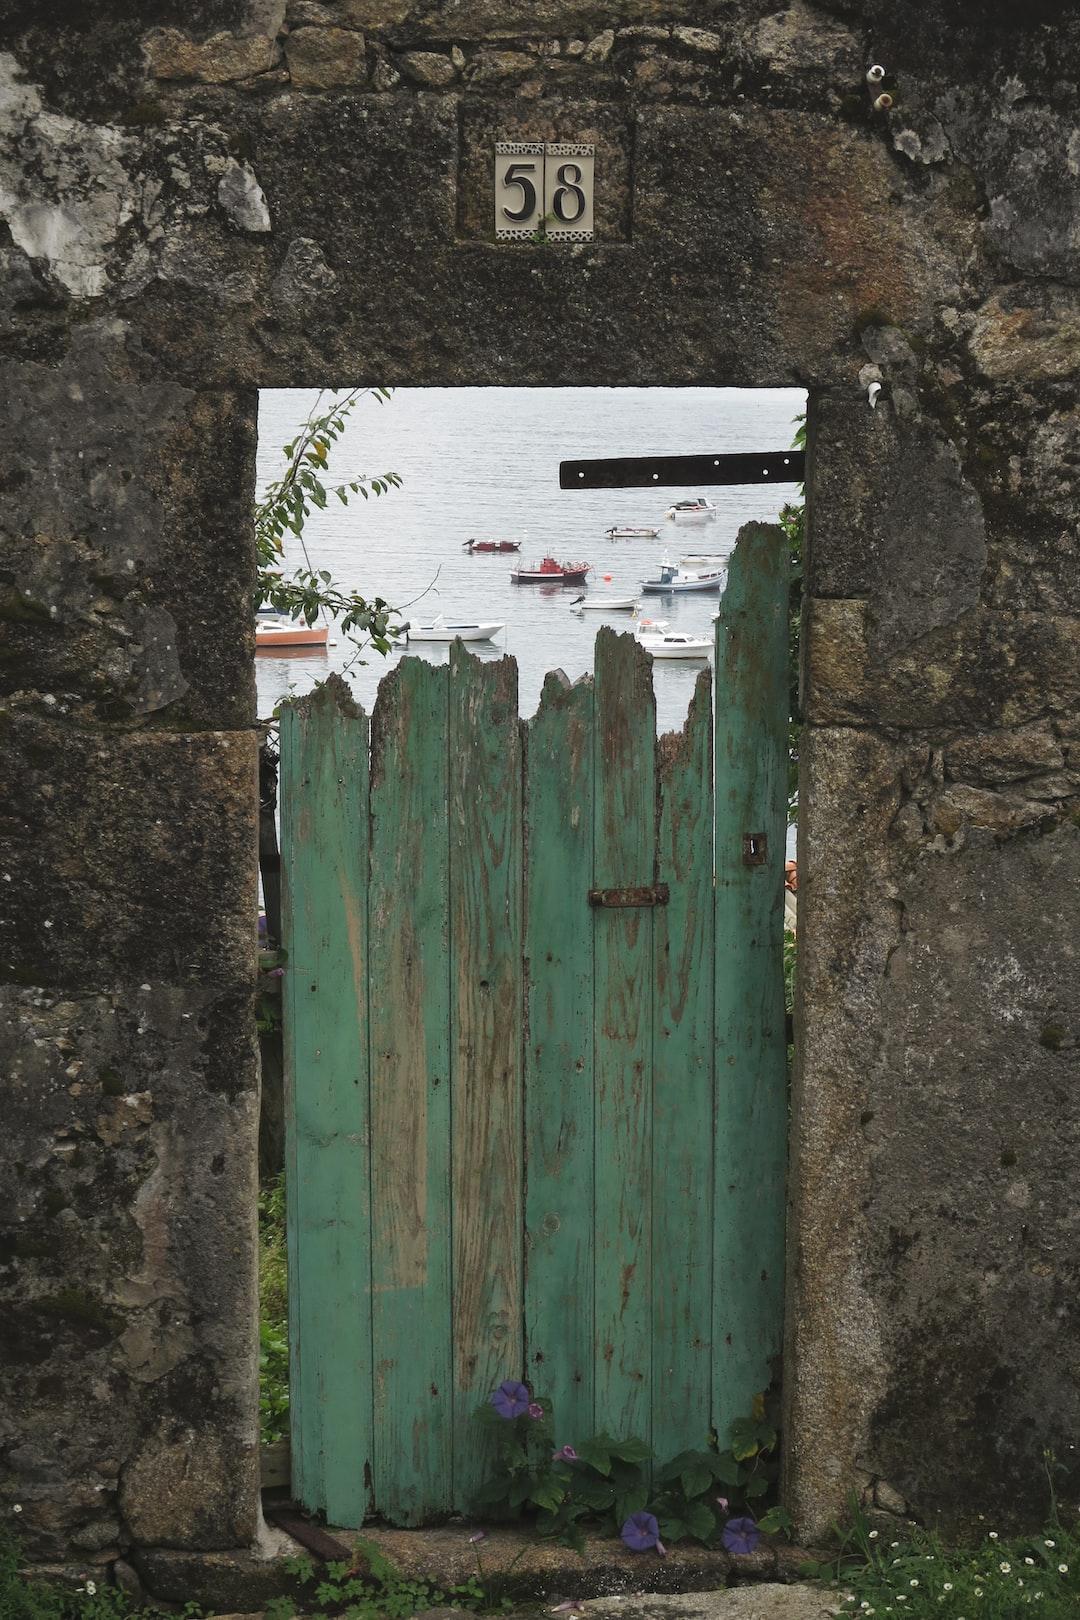 Quelques ultimes voiles de poésie dans les derniers pas du marcheur vers Fisterra. /// Just a few miles and doors to the ocean.